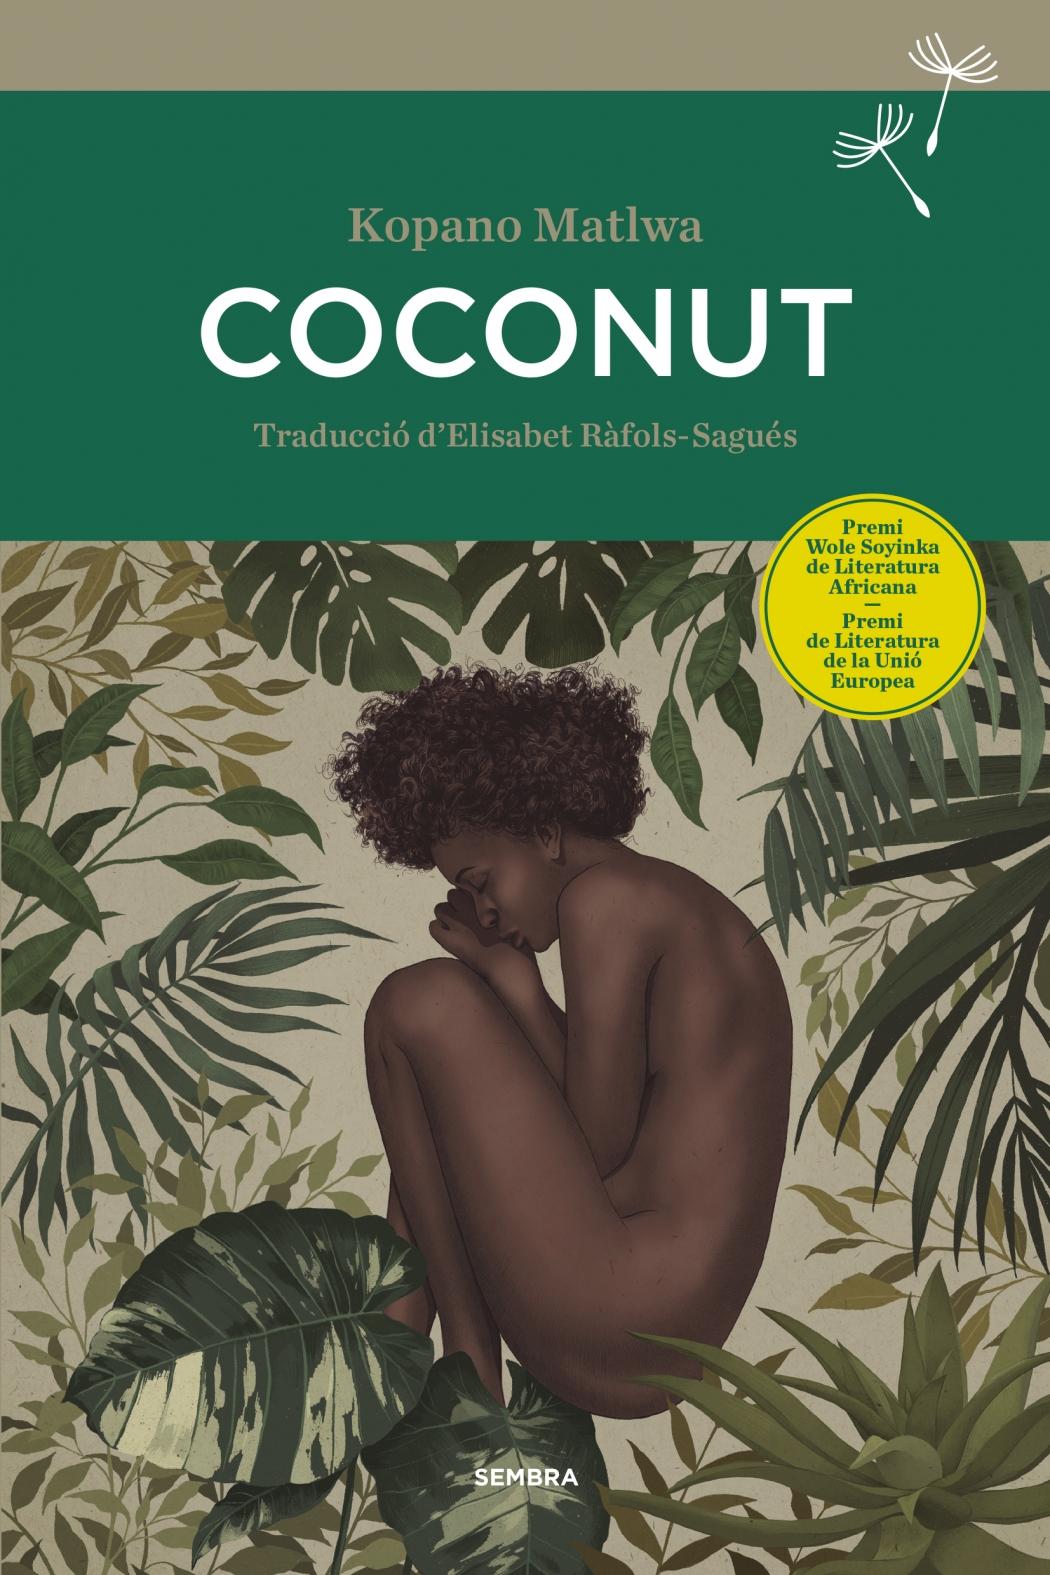 """Publiquem """"Coconut"""", la primera i aclamada novel·la de Kopano Matlwa"""